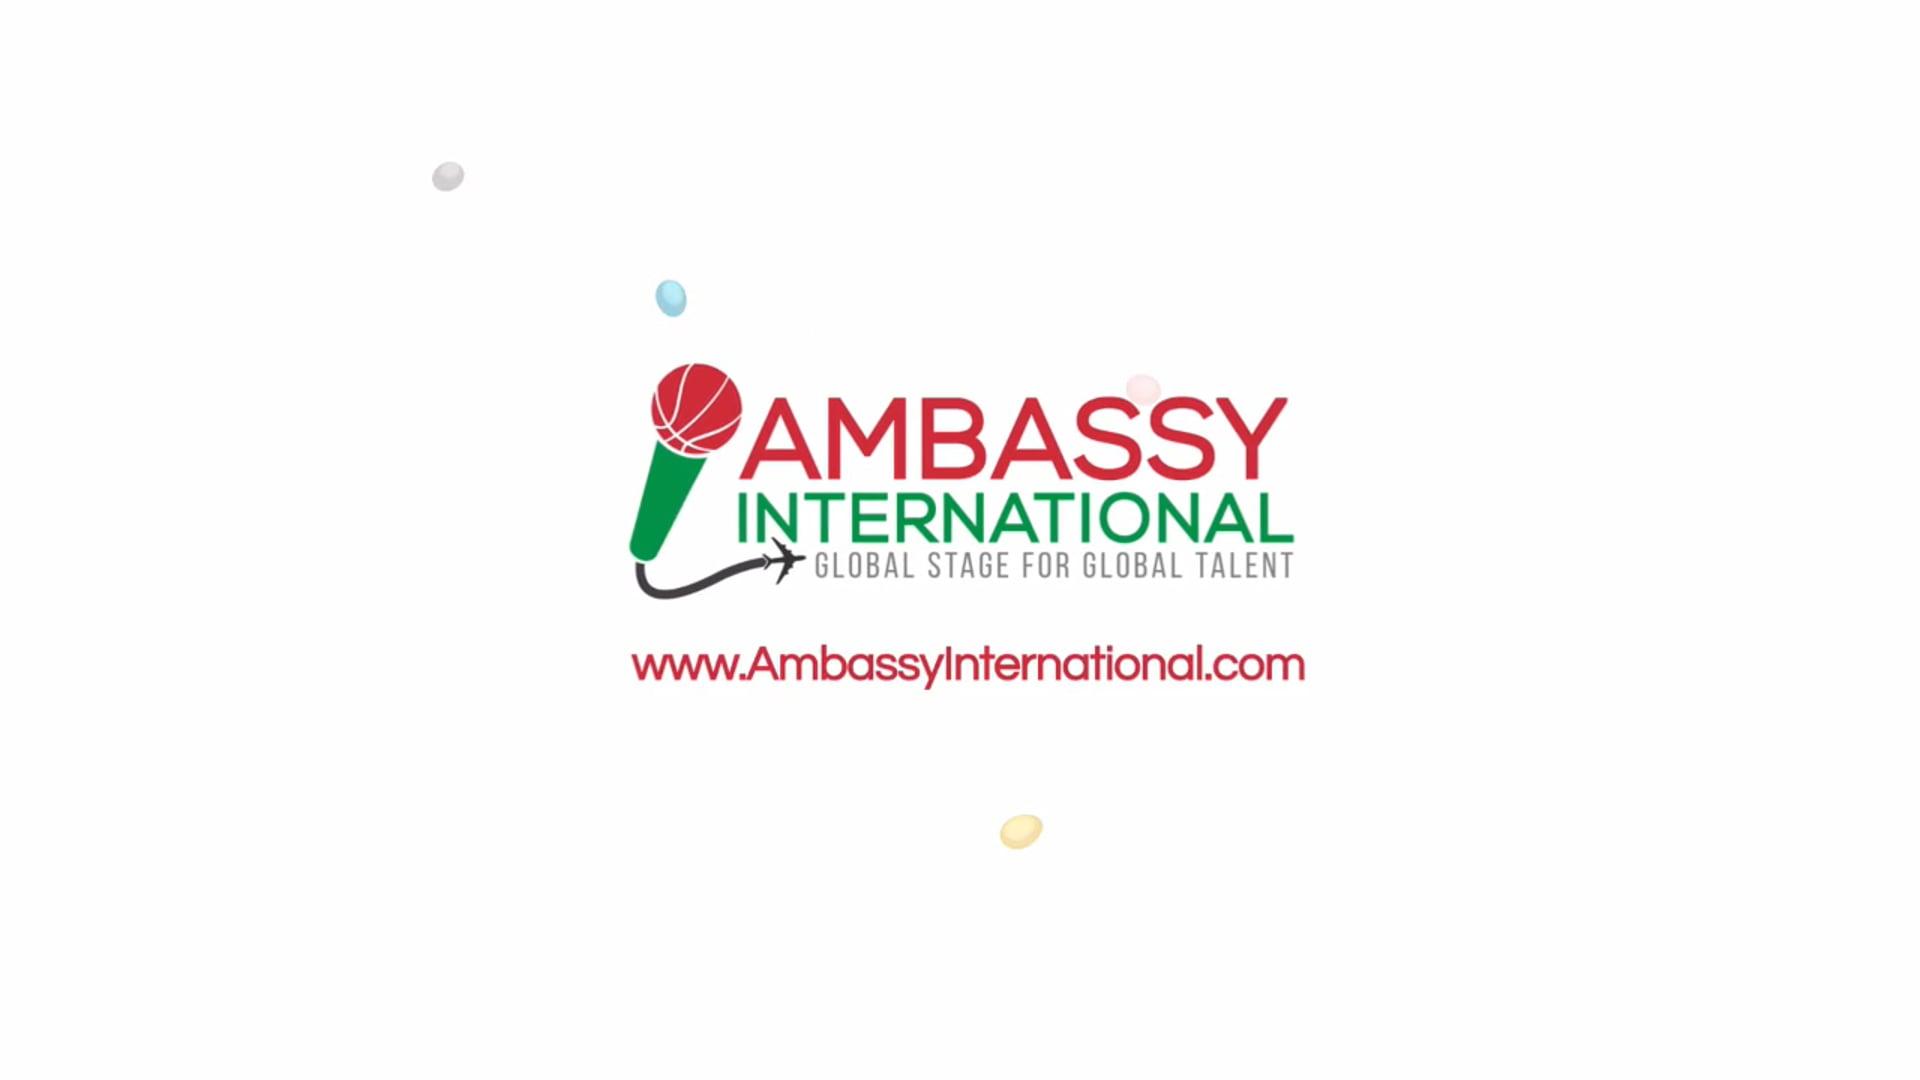 Michael Hundley - Ambassy International [Player Testimonial]